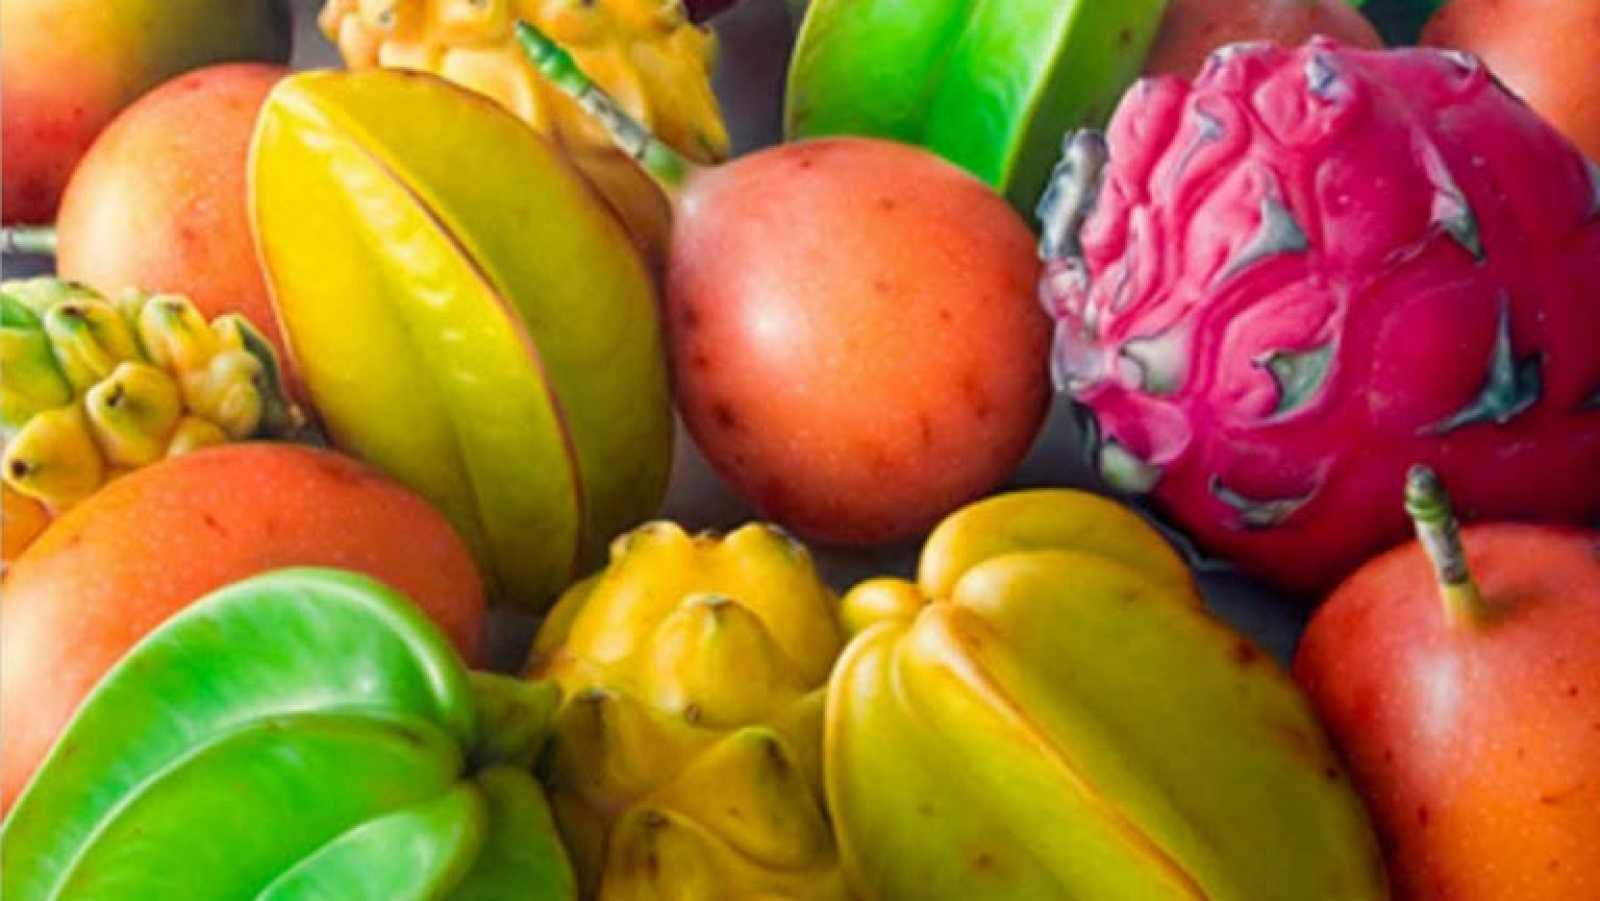 Frutas colombianas más exóticas y solicitadas en los mercados extranjeros.